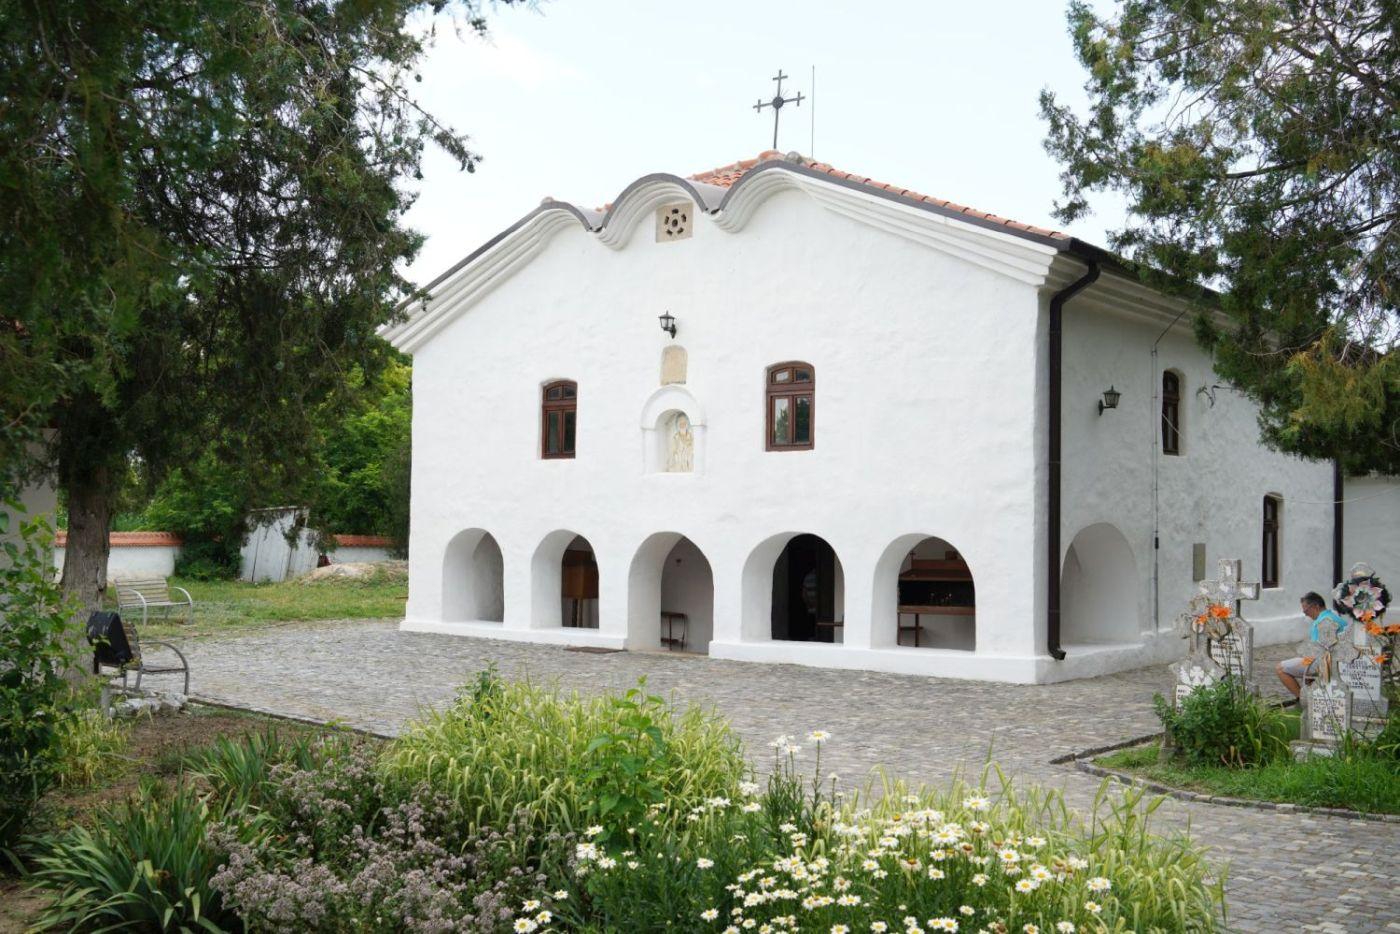 Biserica îngropată din Istria a fost construită în 1857. Din 2007 este monument istoric